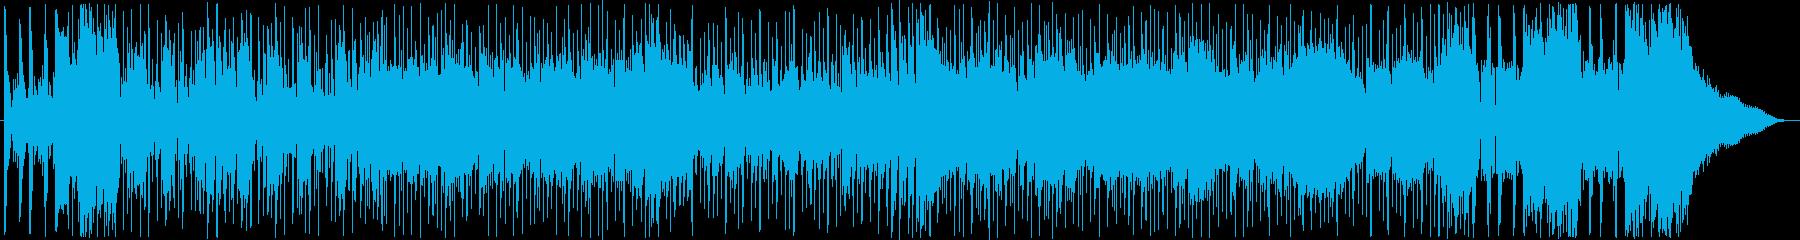 メロディアスでさわやかなシンセポップの再生済みの波形